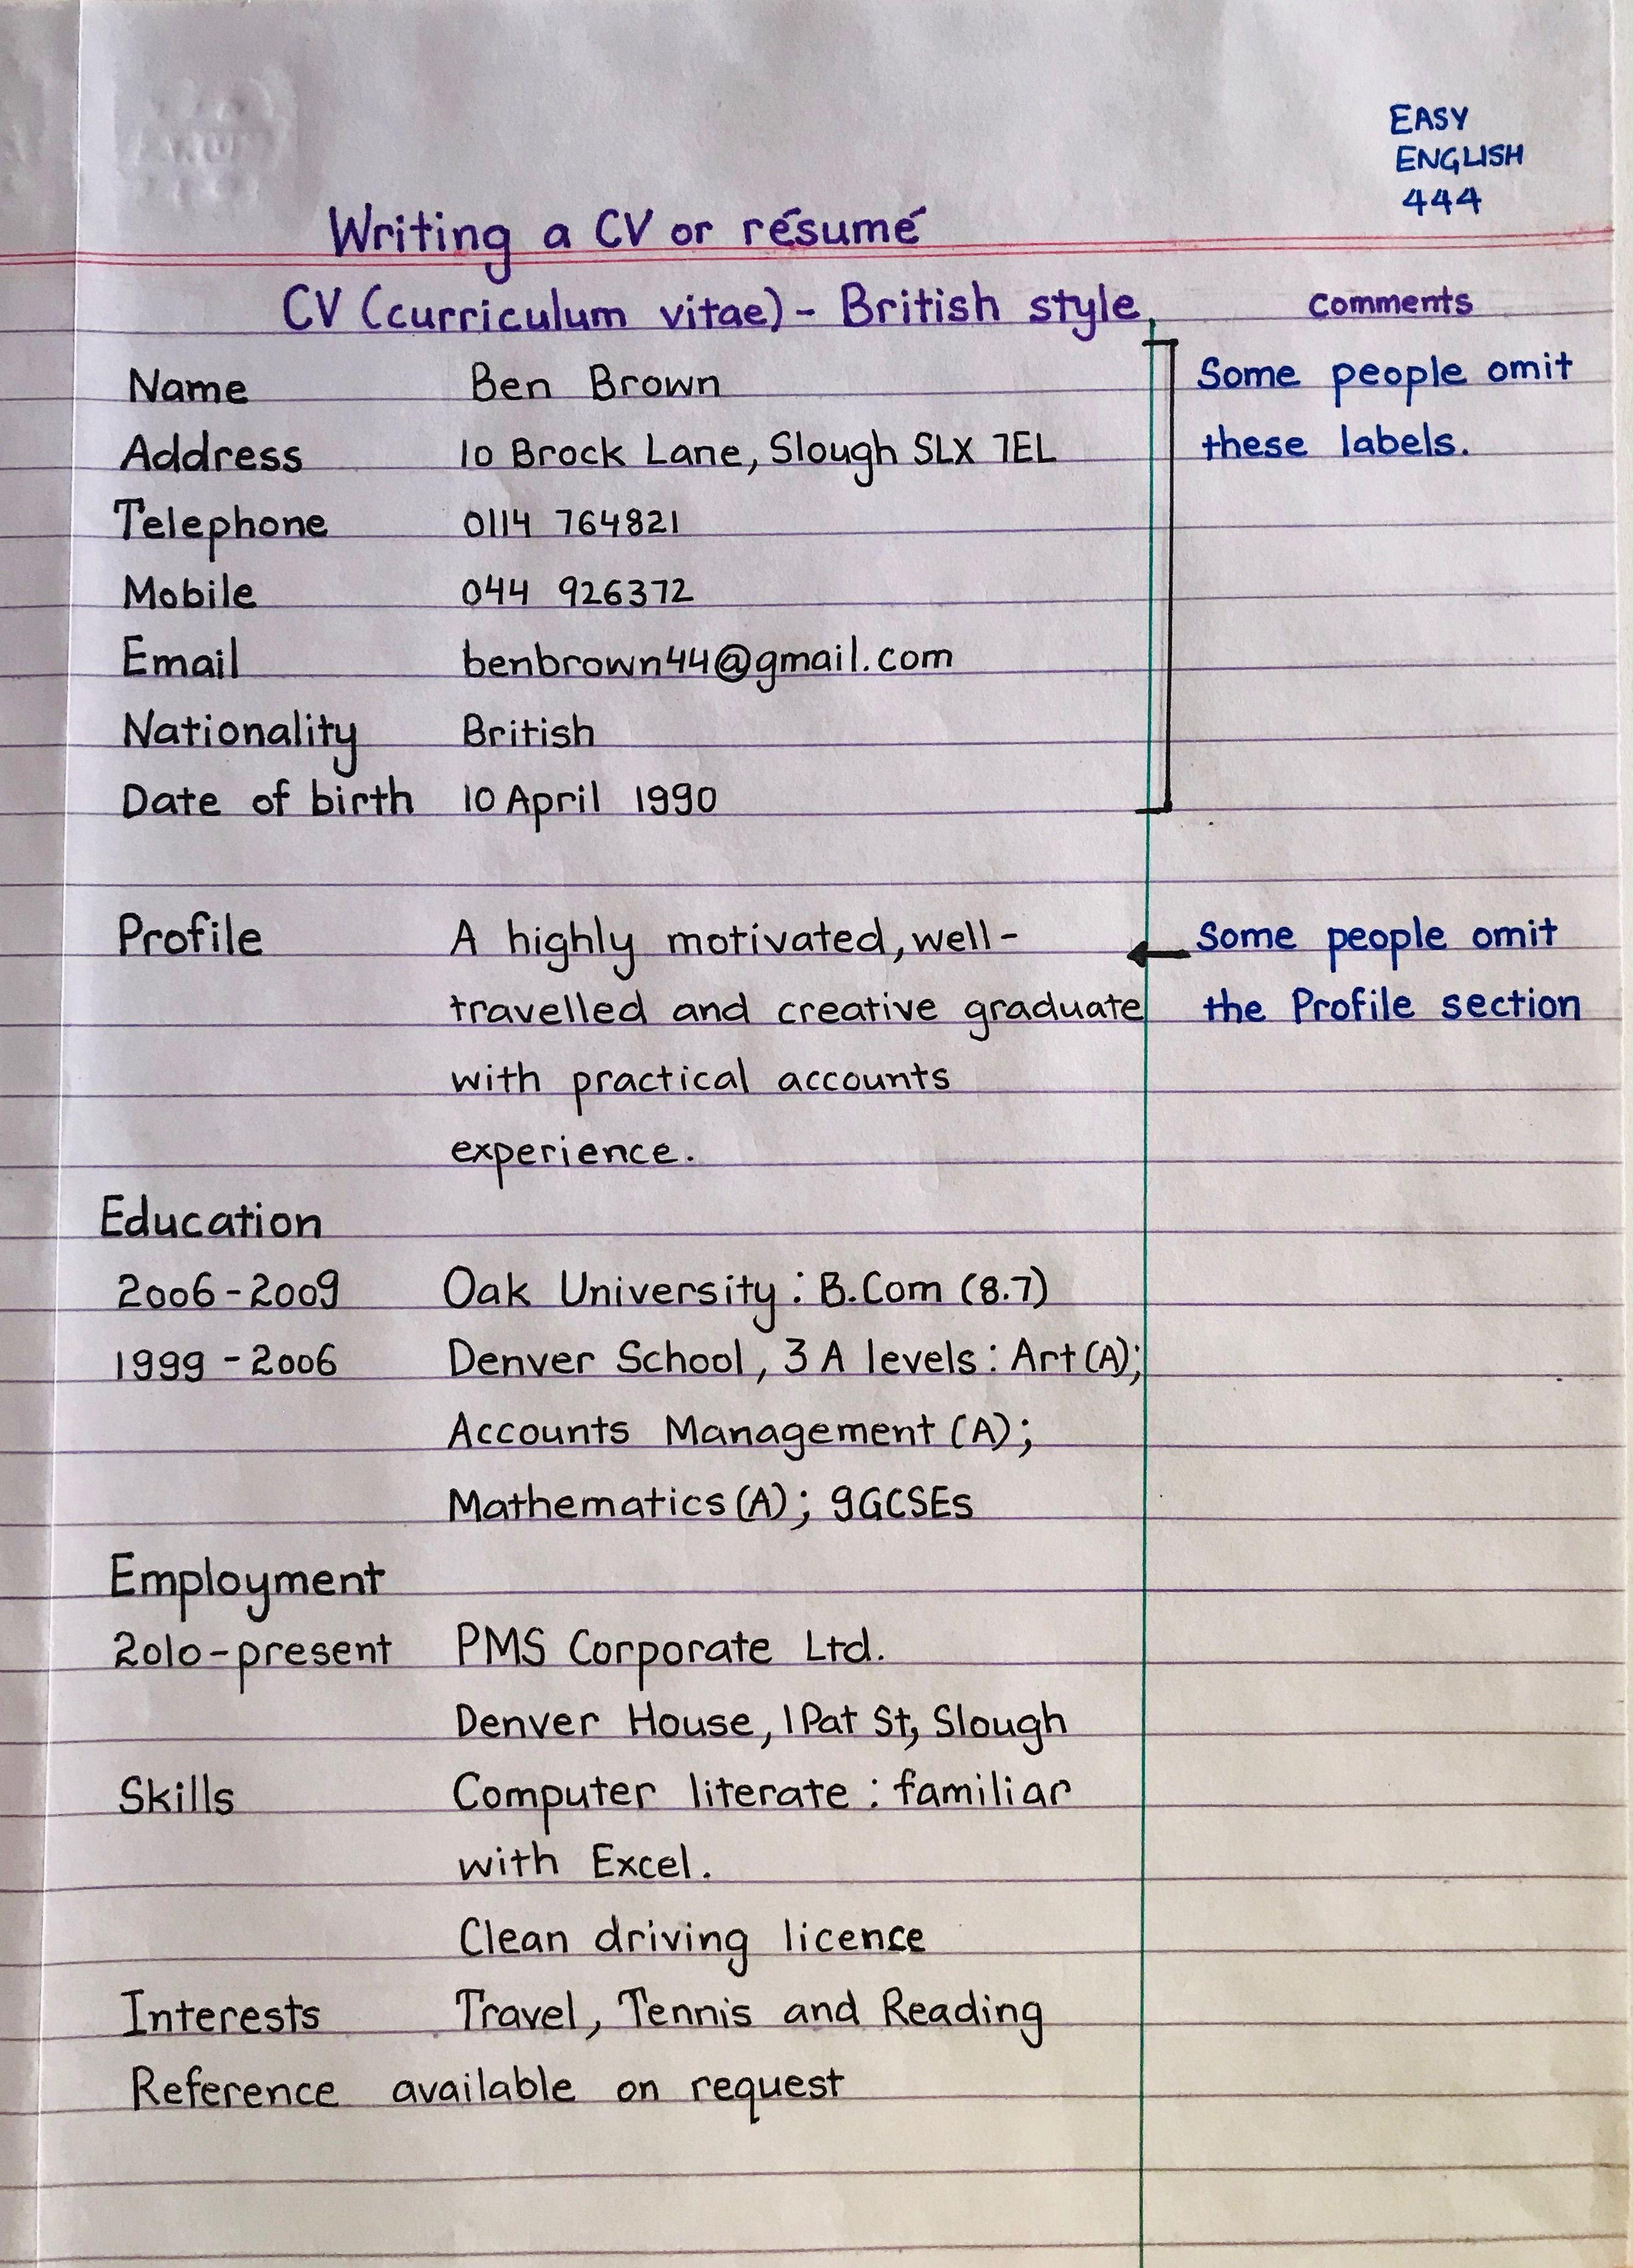 CV english learnenglish handwritten Learn english